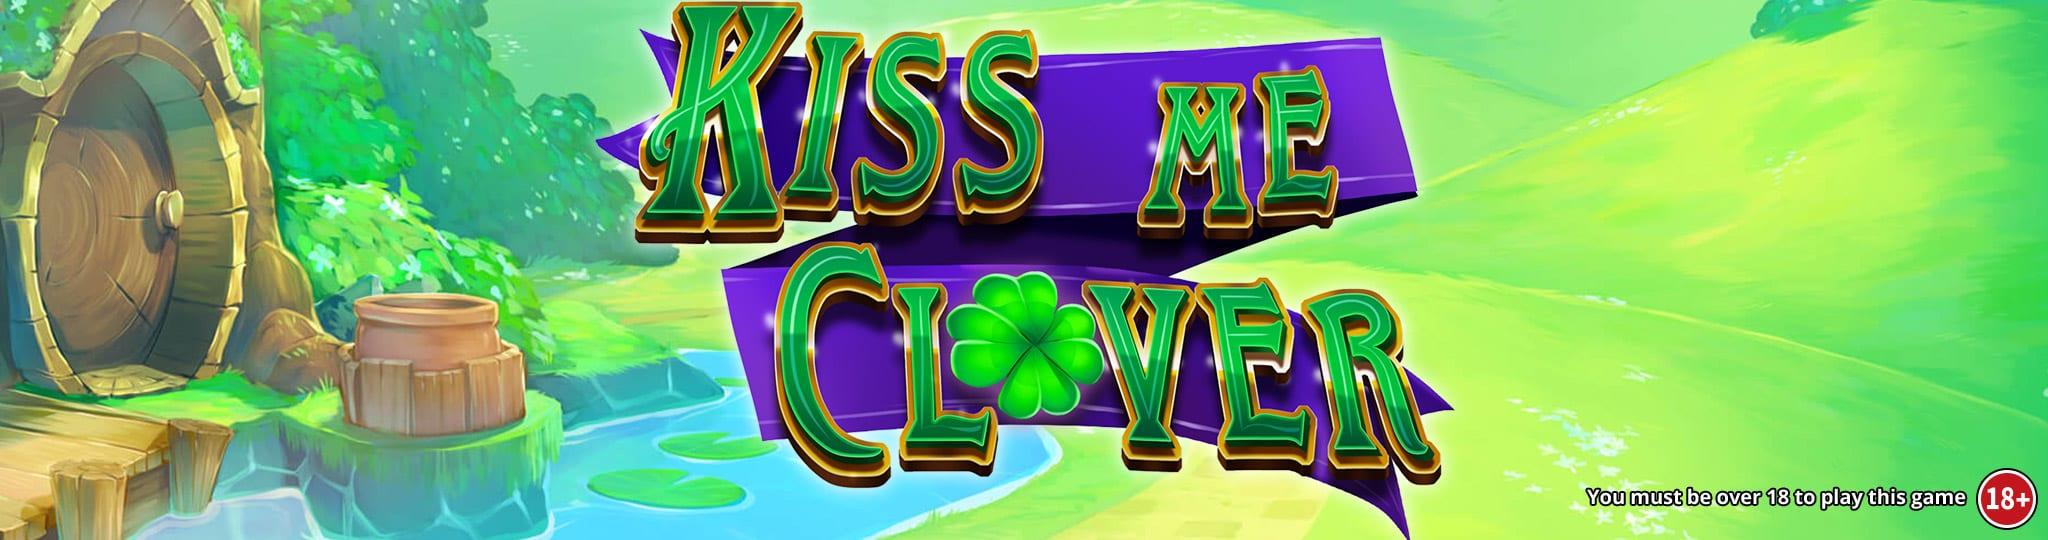 kiss me clover jackpot logo